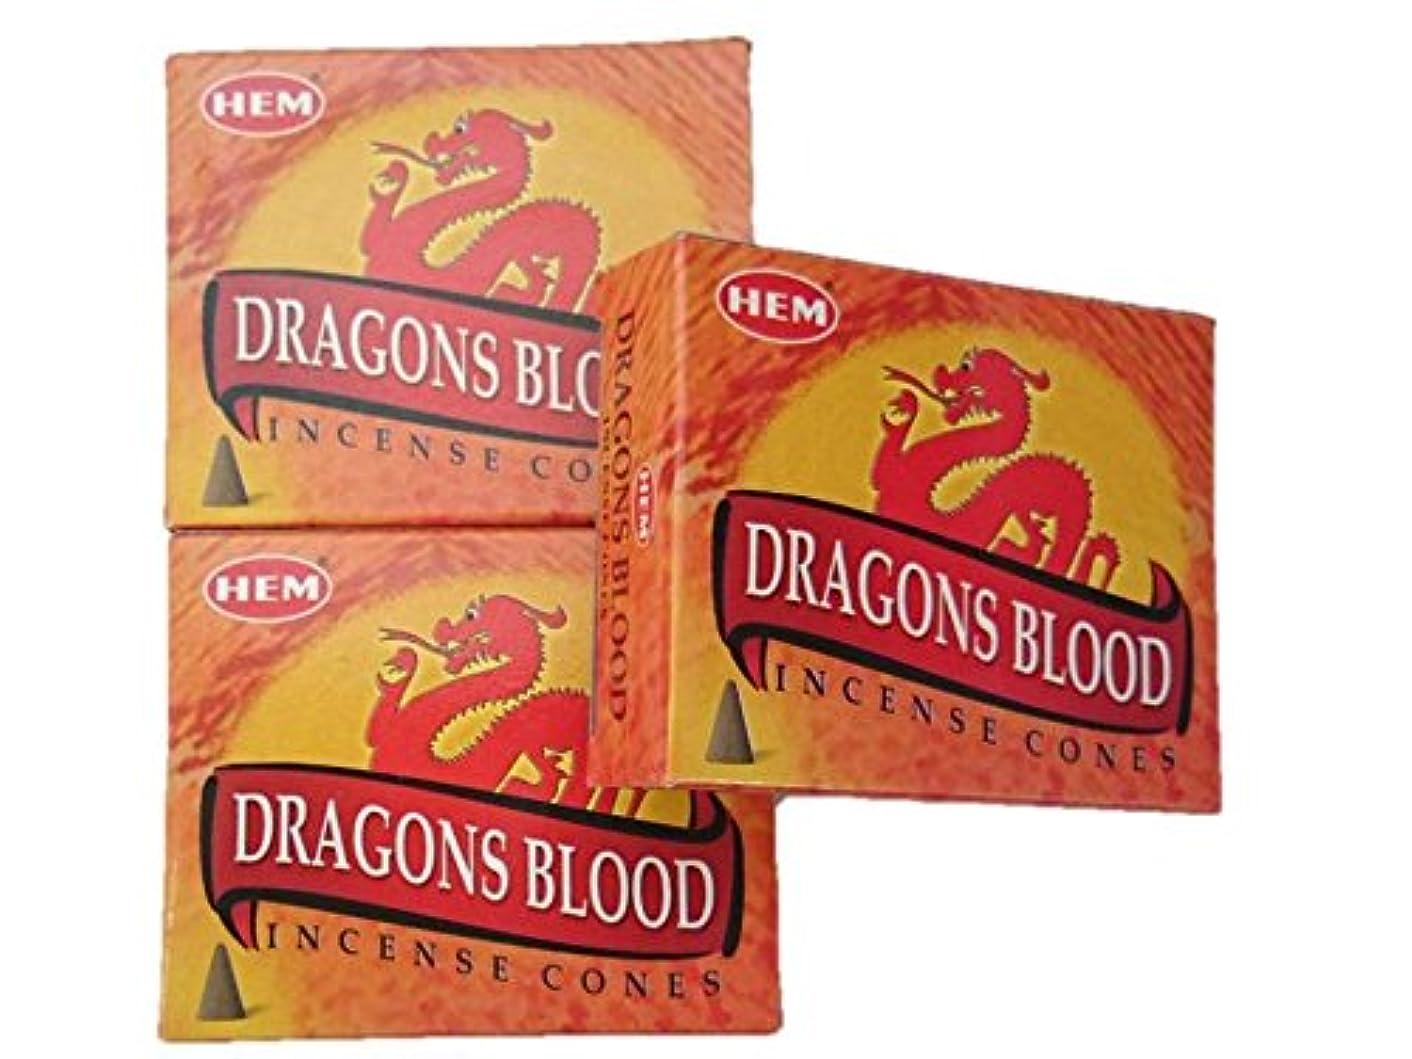 チロ考える貫通HEM(ヘム)お香 ドラゴンズ ブラッド コーン 3個セット